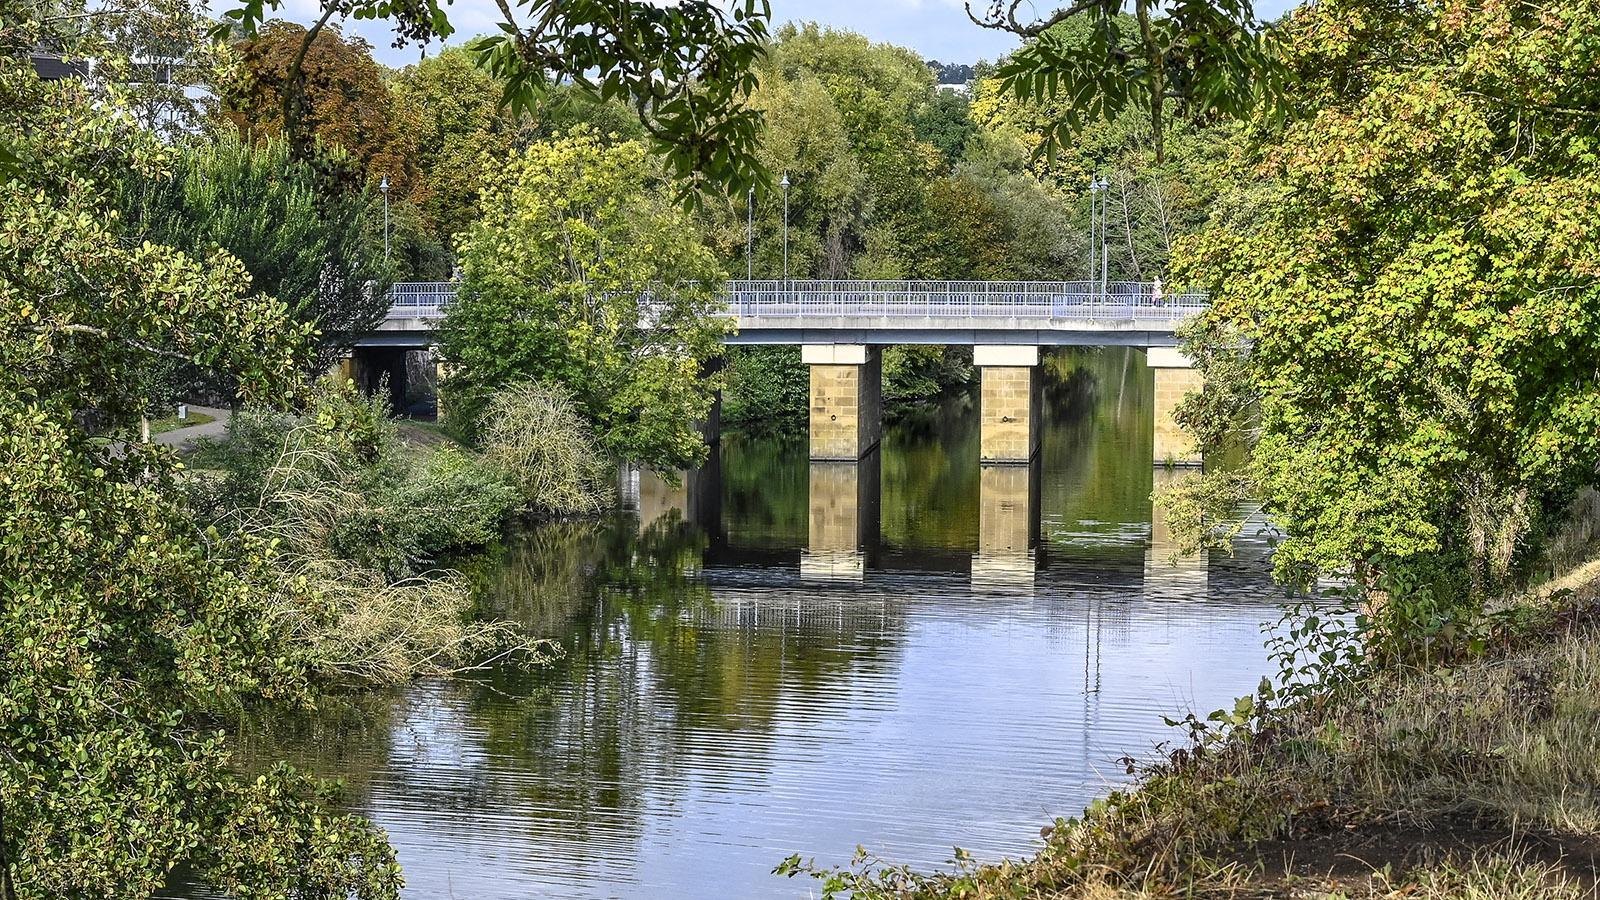 Der pont-écluse von Saarlouis. Foto: Hilke Maunder